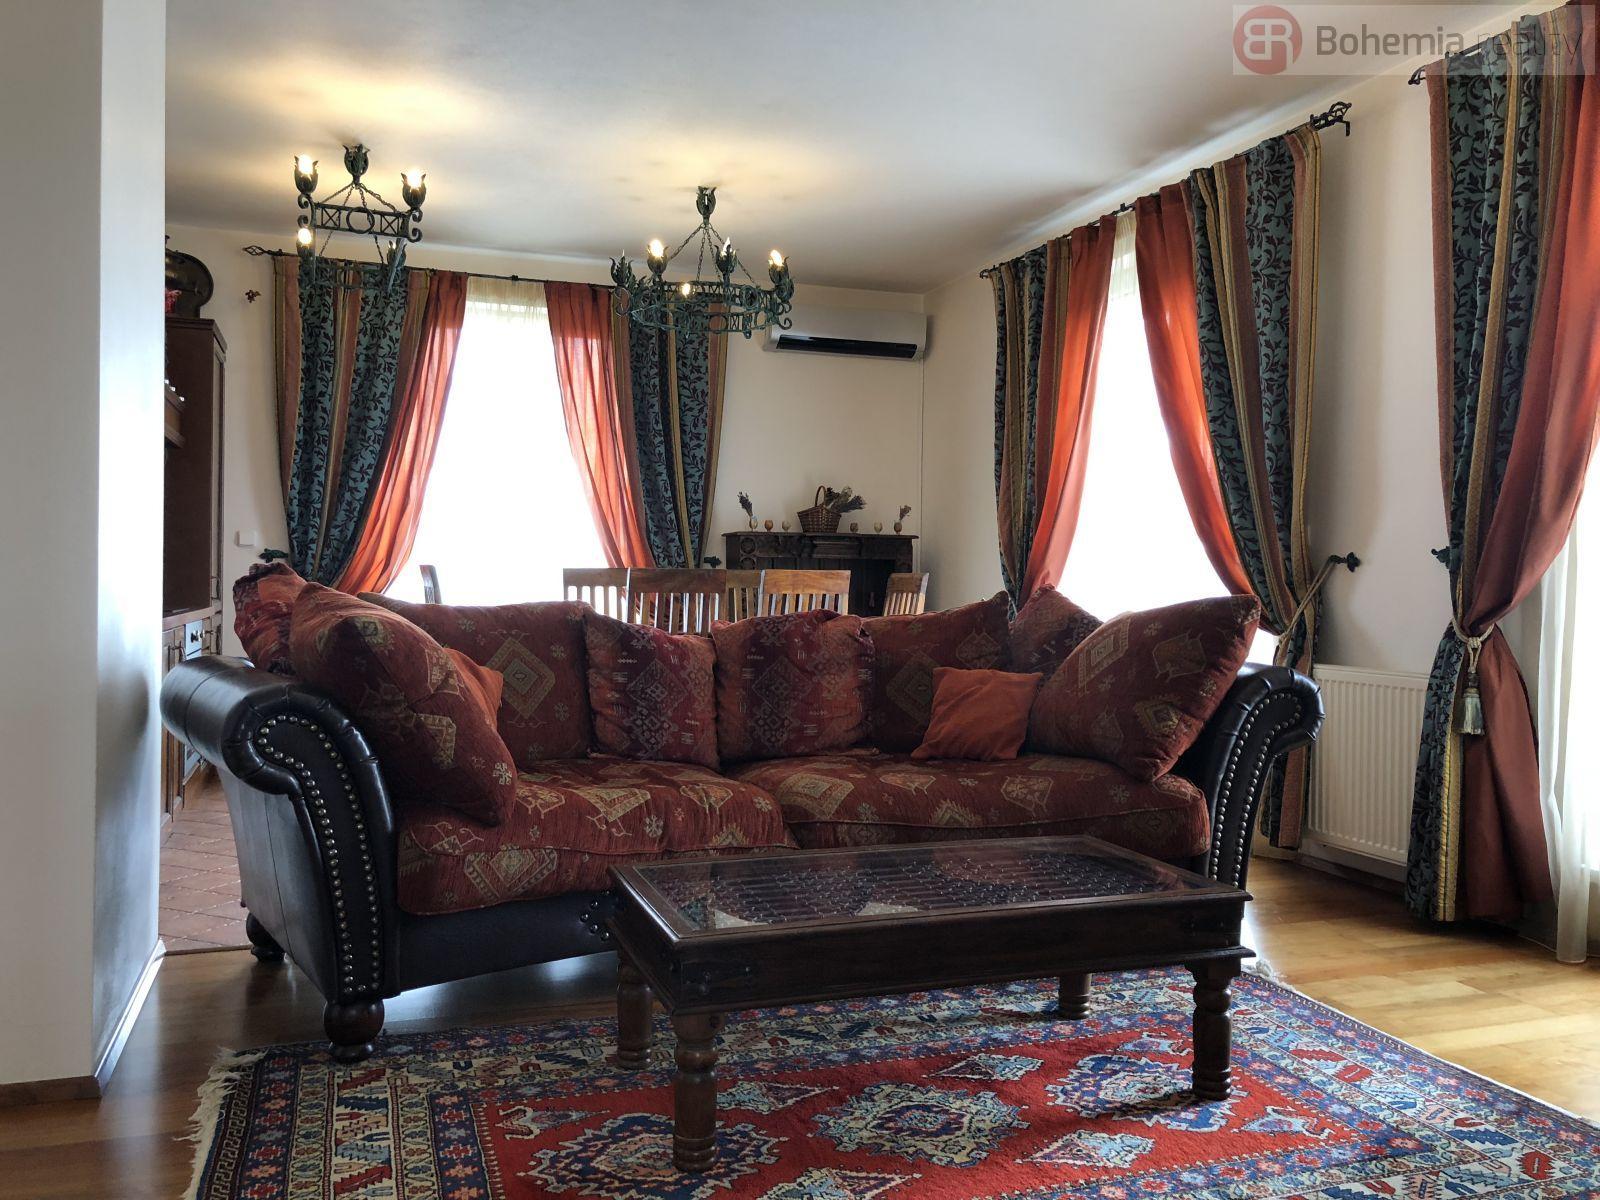 Pronájem kompletně zařízeného bytu o rozloze 60 m2 + terasa 60 m2, Praha 10 - Pitkovice